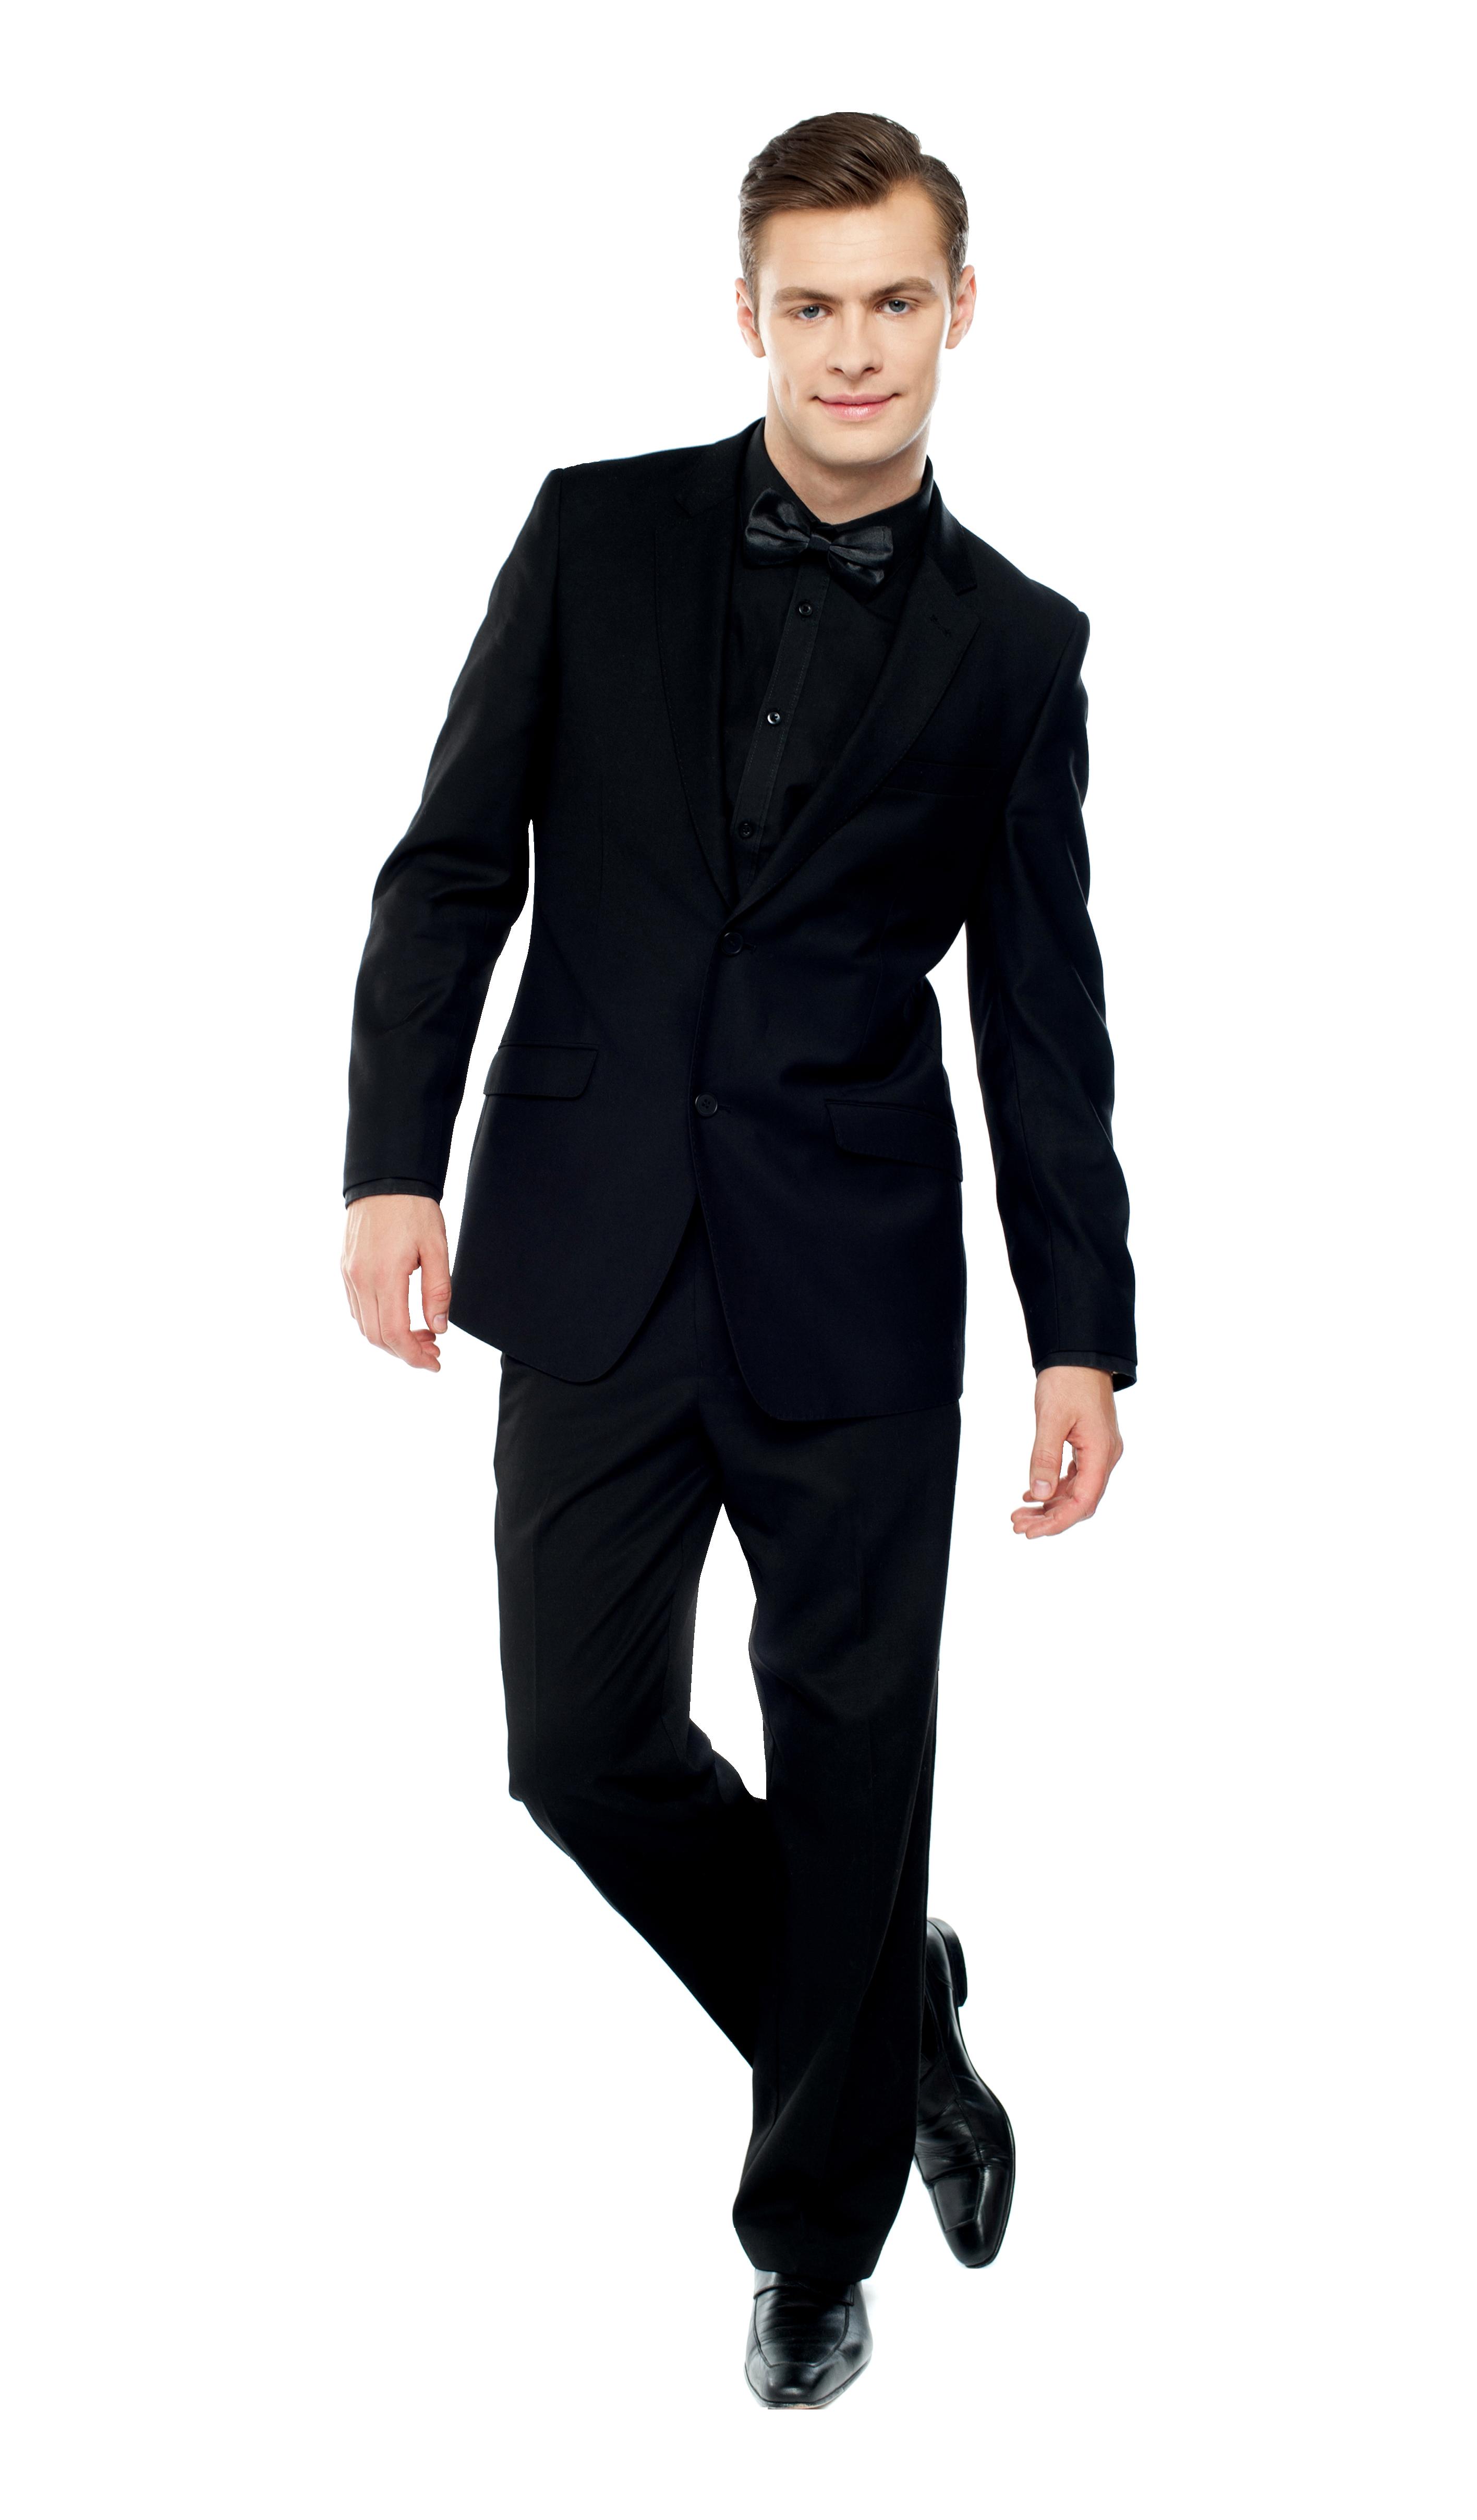 Suit HD PNG - 137351